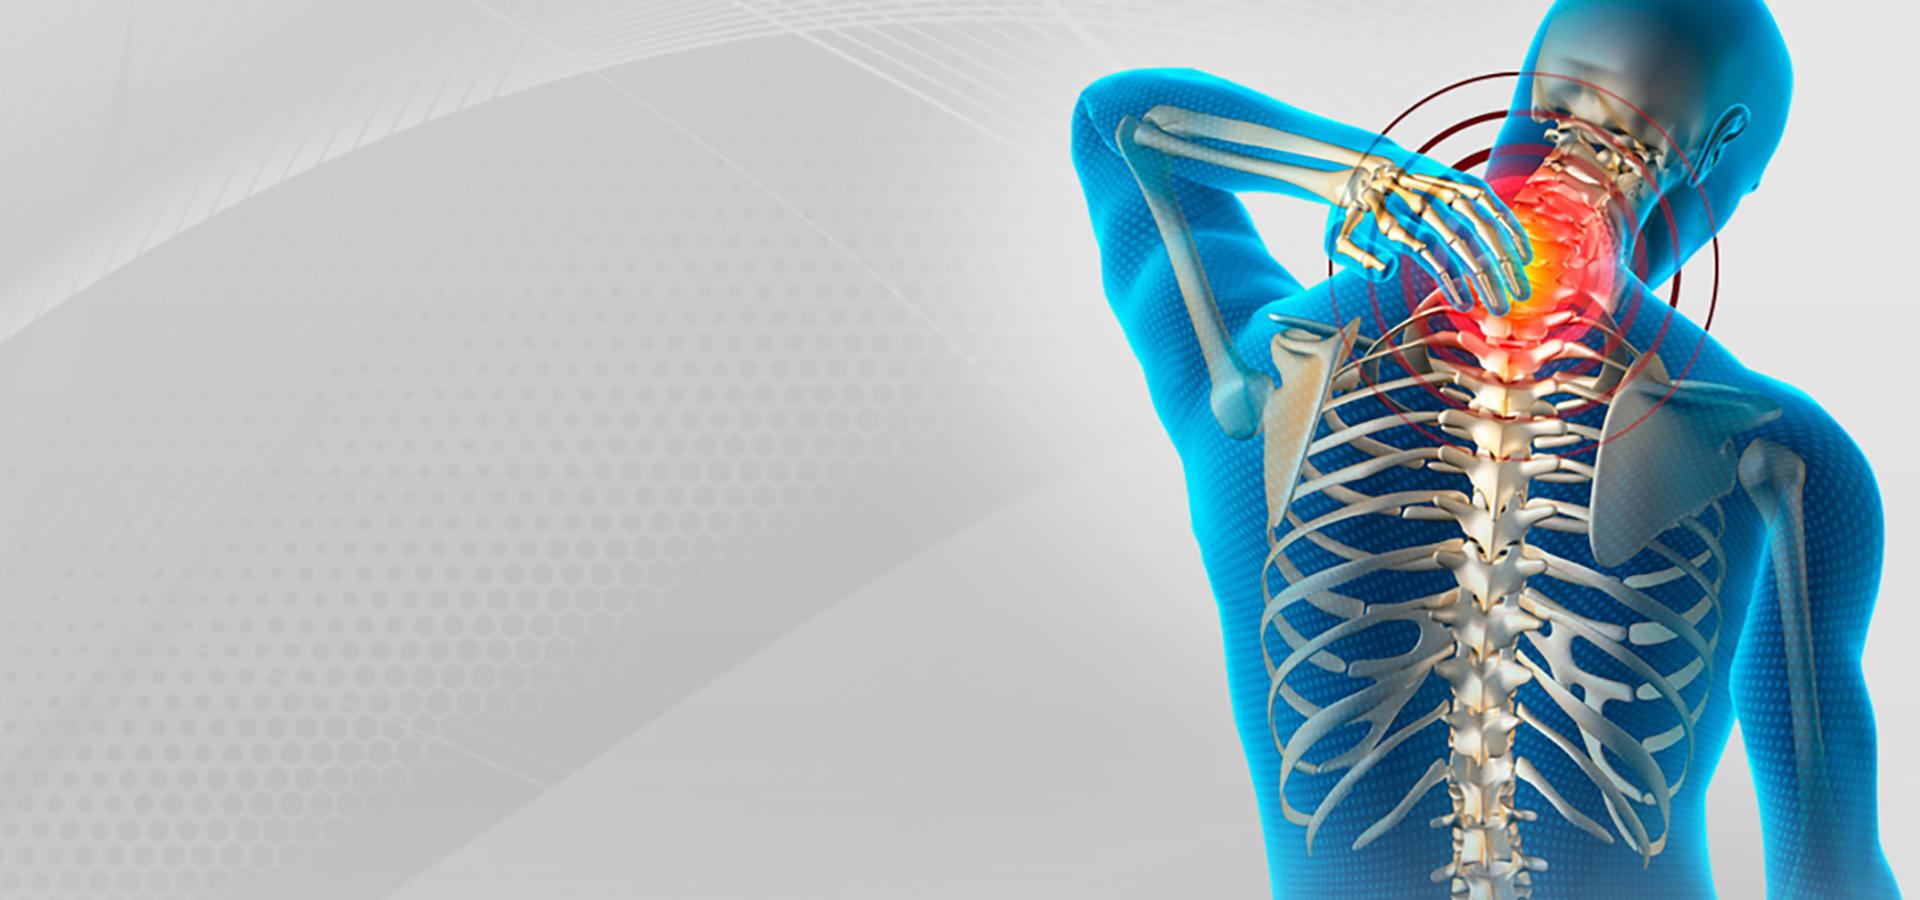 váll meszesedés gyógyítása ízületi fájdalom edzés közben